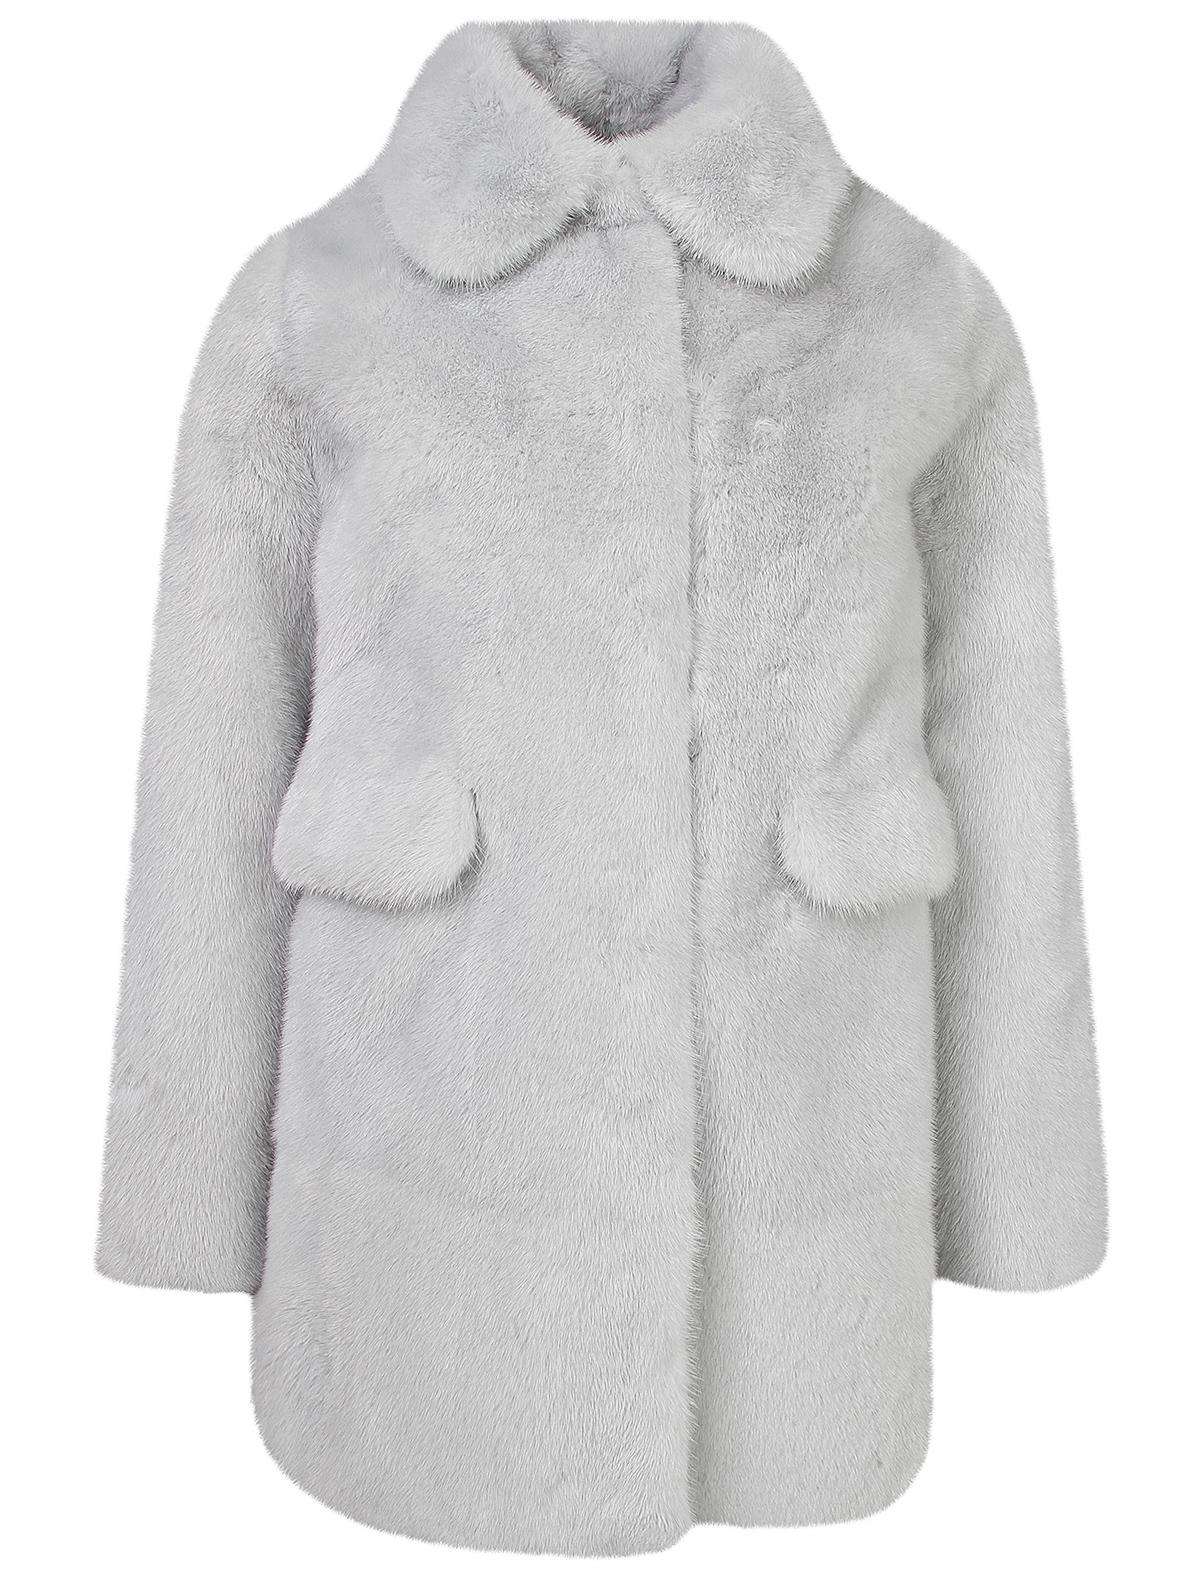 Купить 1912254, Пальто меховое (шуба) Yves Salomon, голубой, Женский, 1731508882025